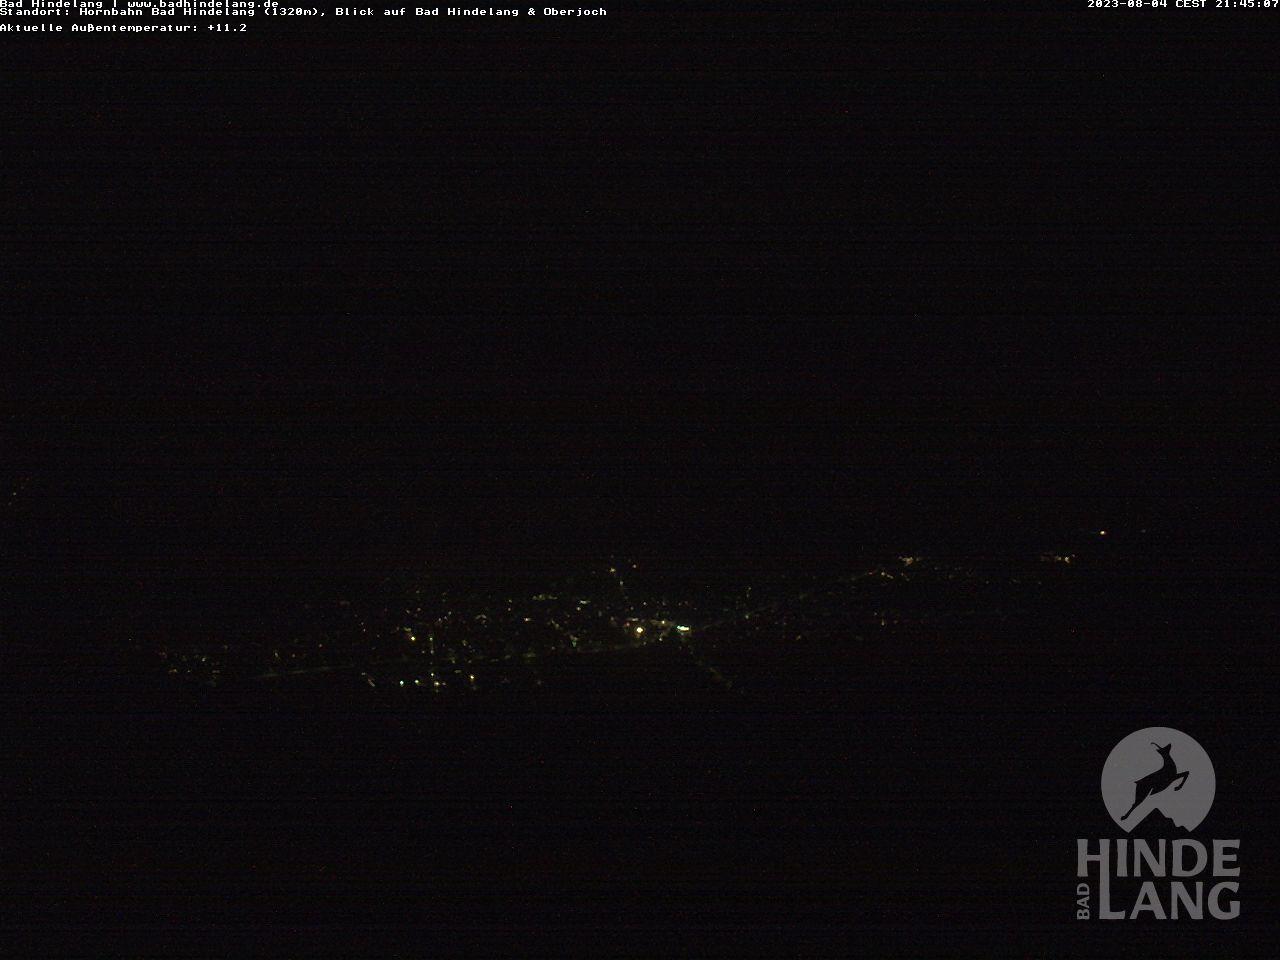 Webcam-Bild: Webcam - Hornbahn - Bad Hindelang